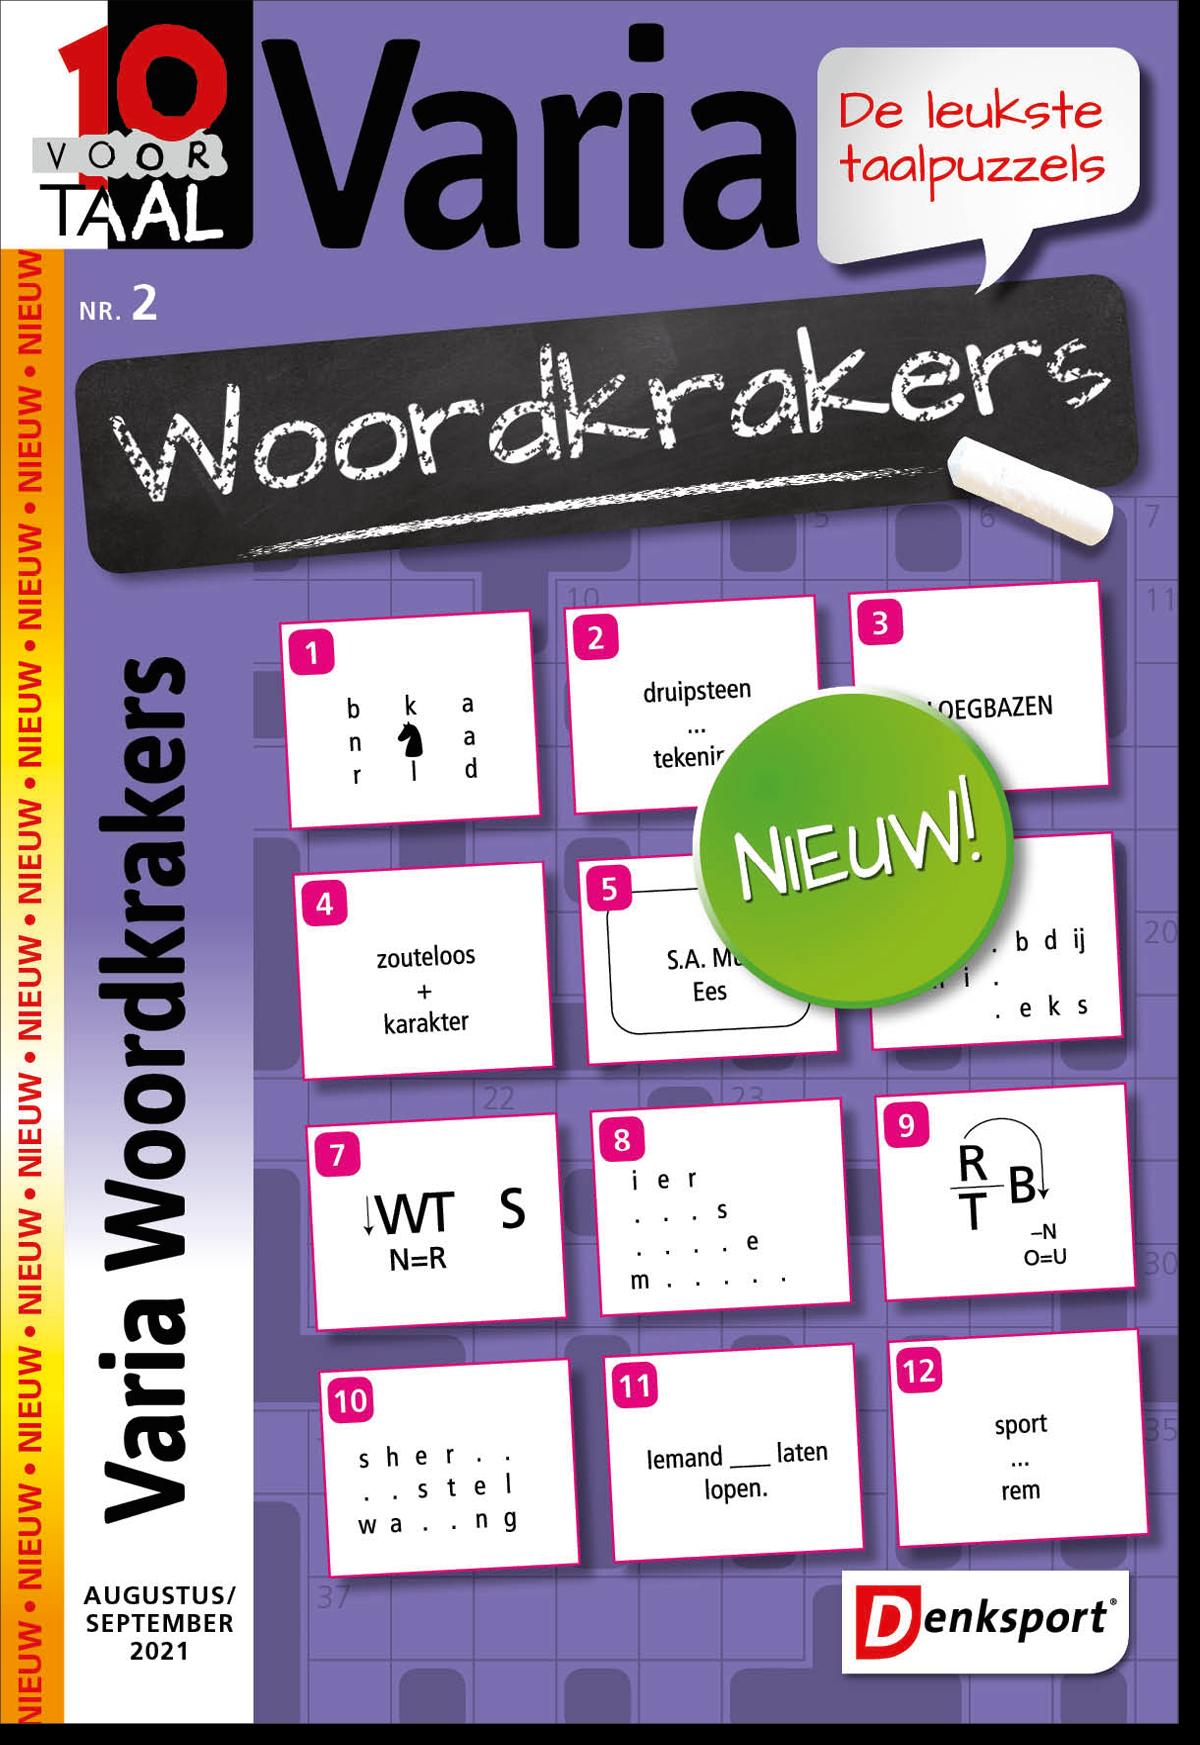 Afbeelding van 10 voor Taal Woordkrakers - Editie 2